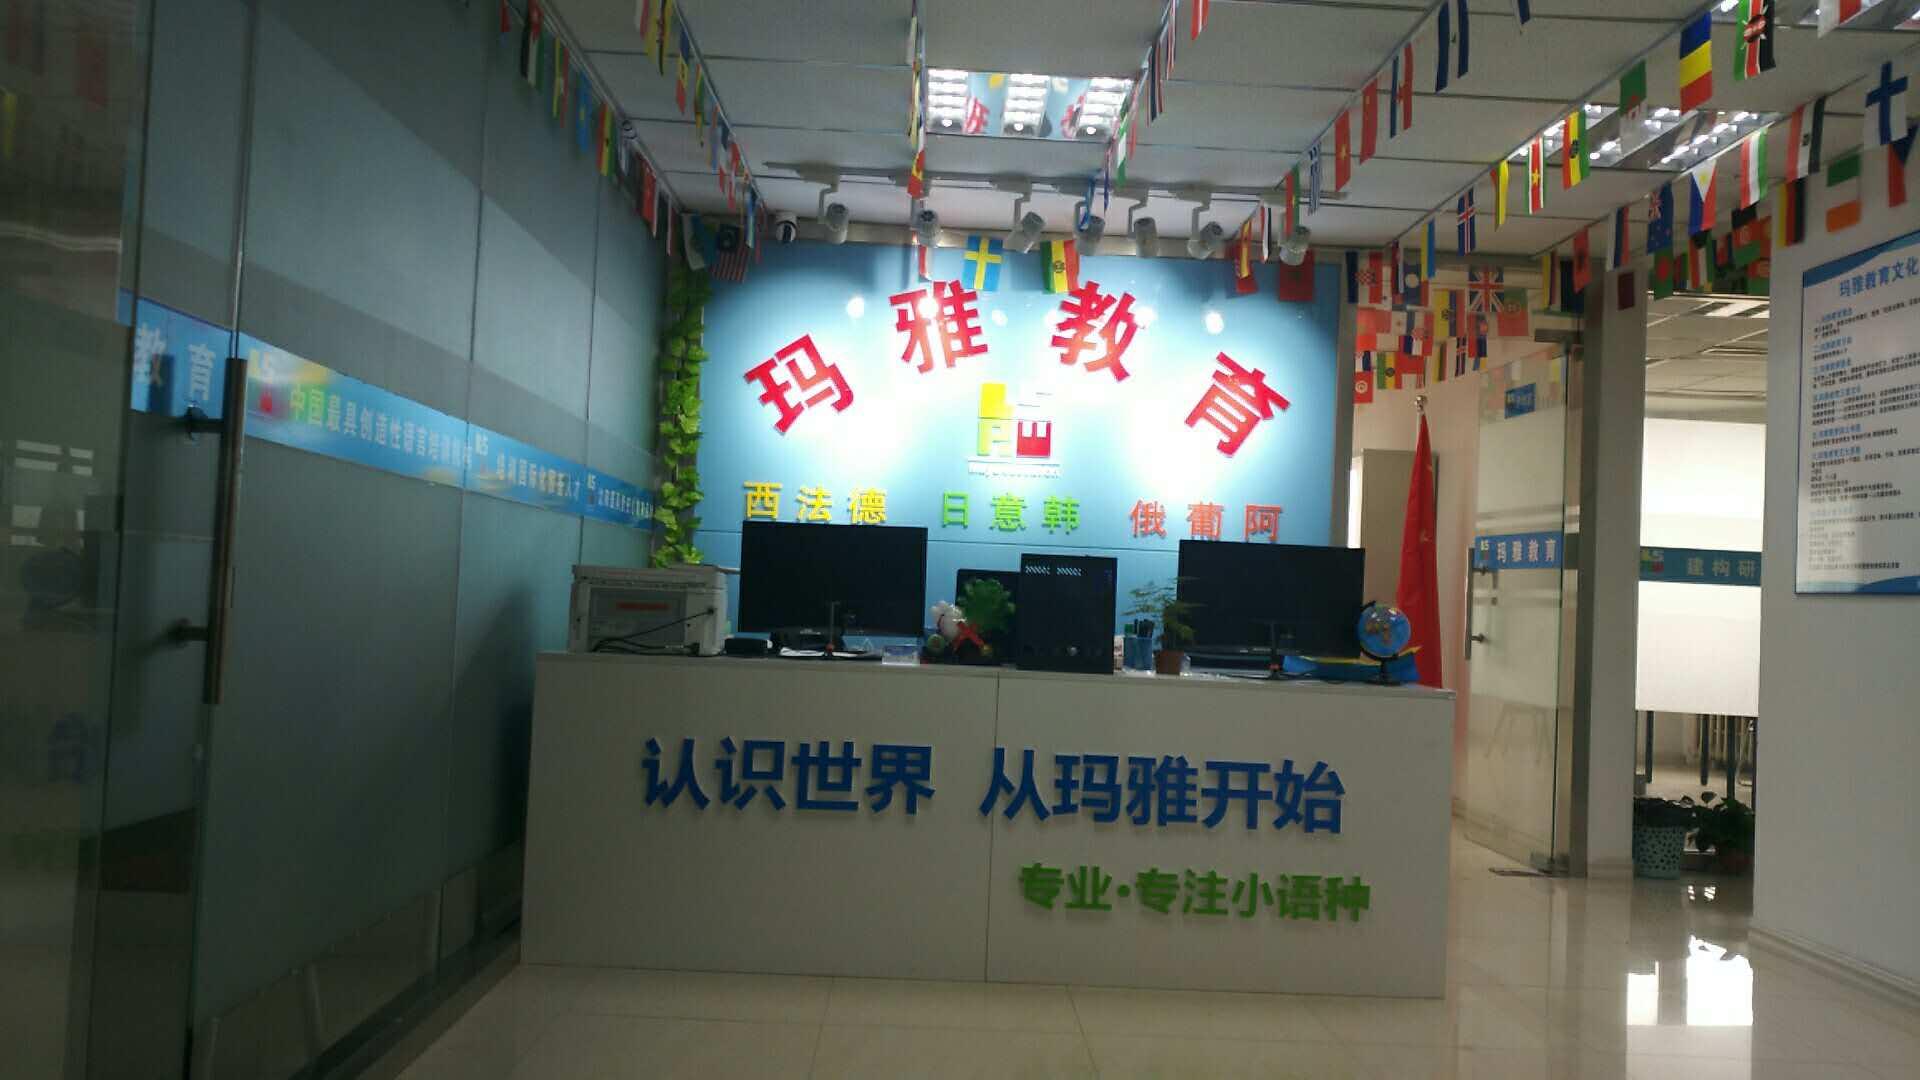 沈阳玛雅教育粤语培训周末小班十一特惠火热招生中